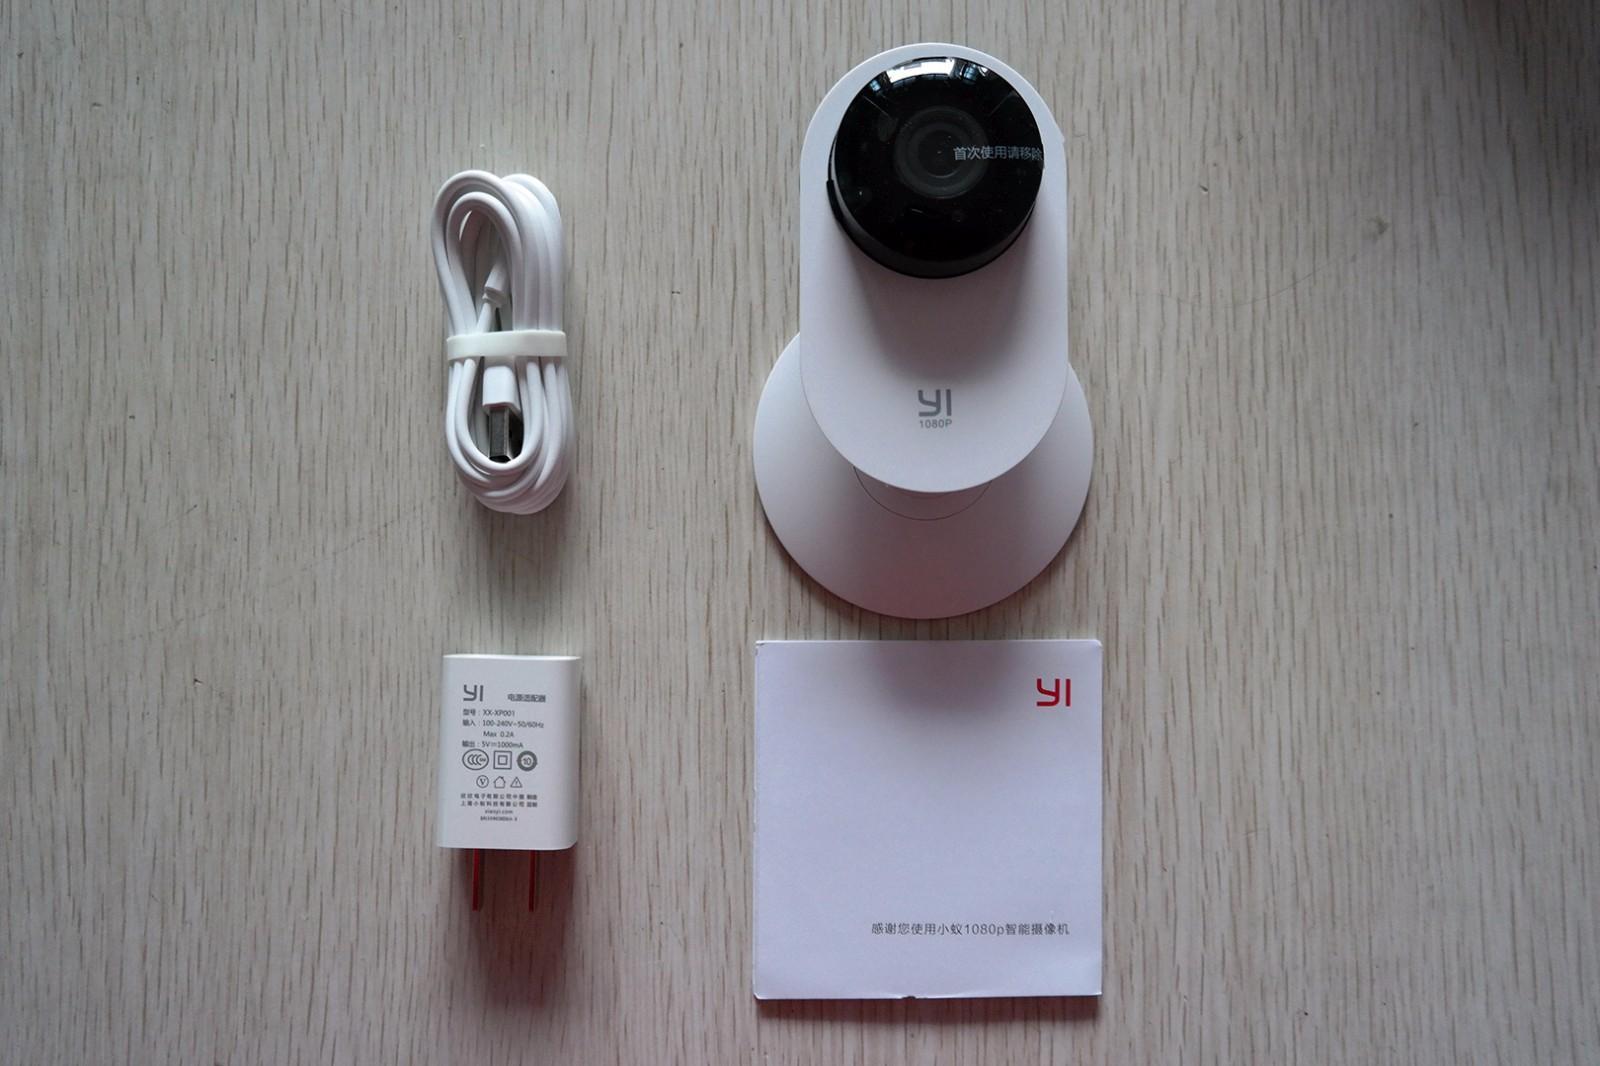 不仅仅是提升画质 小蚁智能摄像机1080P评测